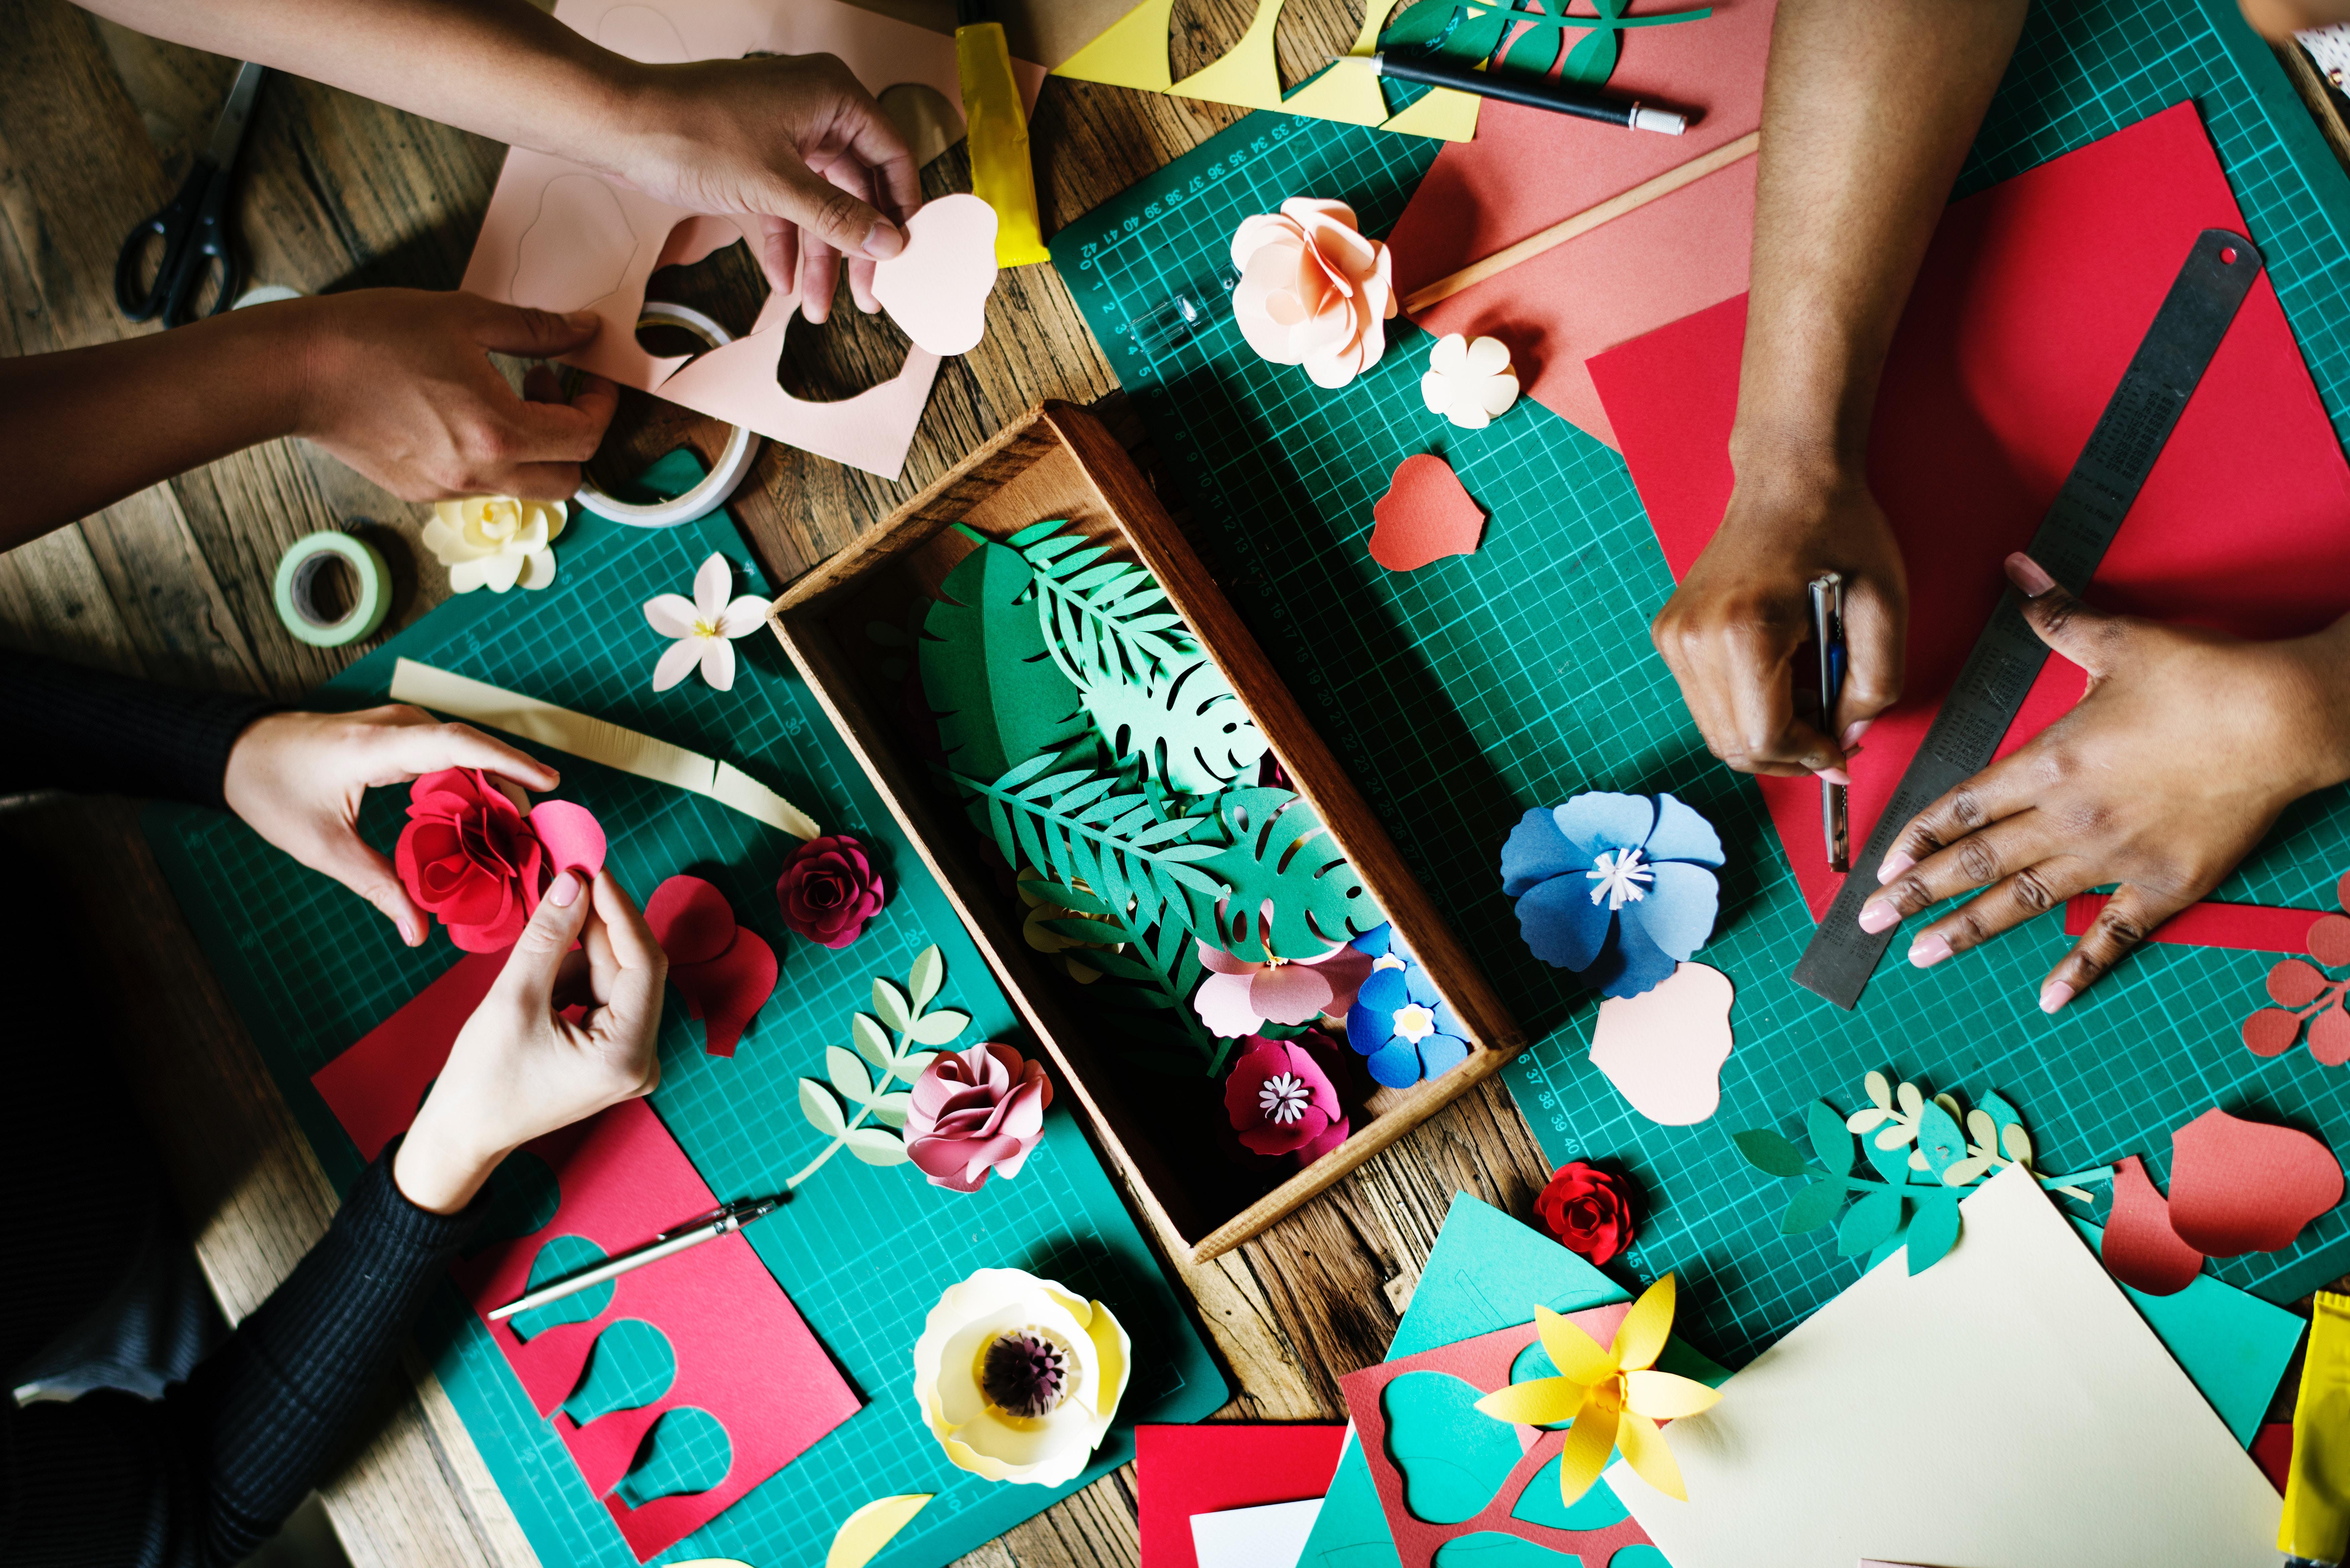 Zu viele Spielzeuge? Wir helfen Ihnen mit 6 wertvollen Tipps!